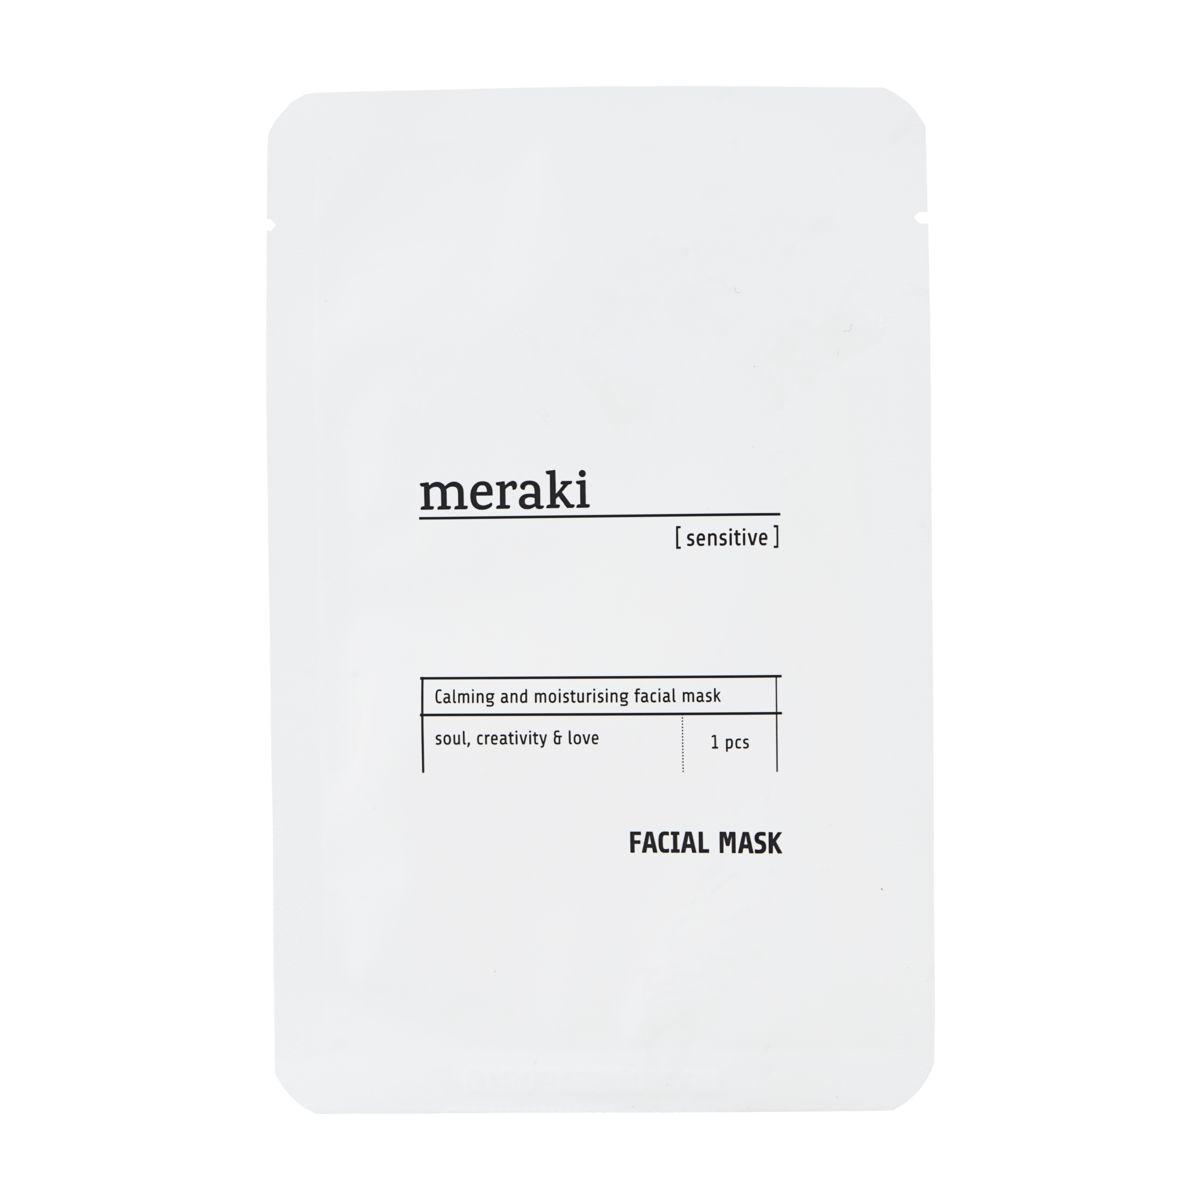 Meraki Sensitive Facial Mask